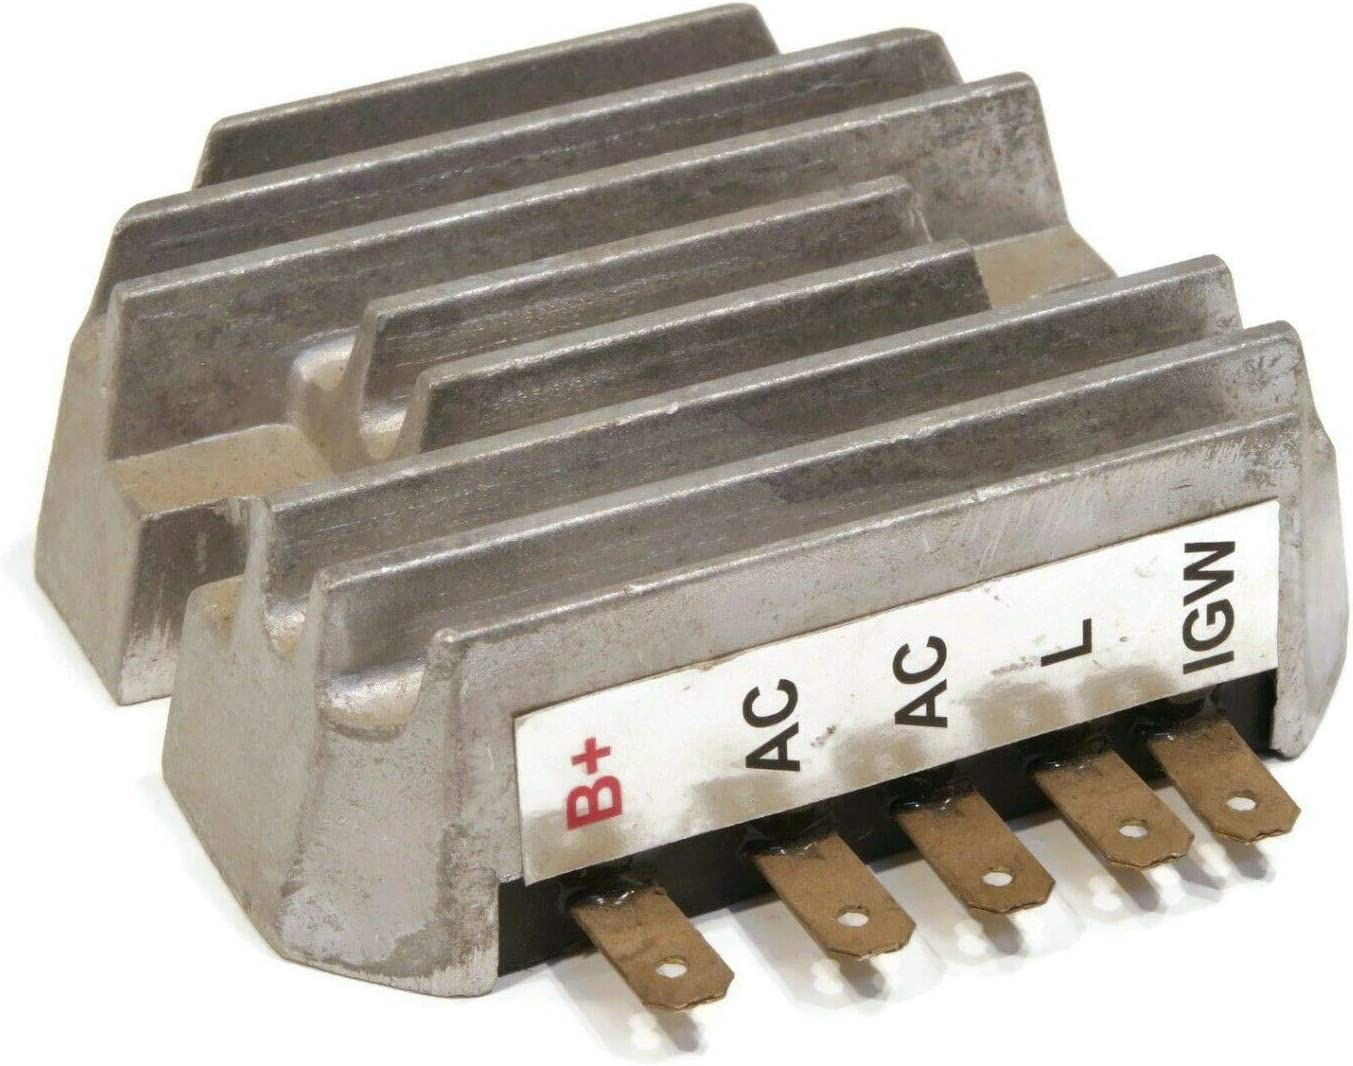 The ROP Shop | Voltage Regulator for John Deere 322, 330, 332, 415 Lawn and Garden Tractors